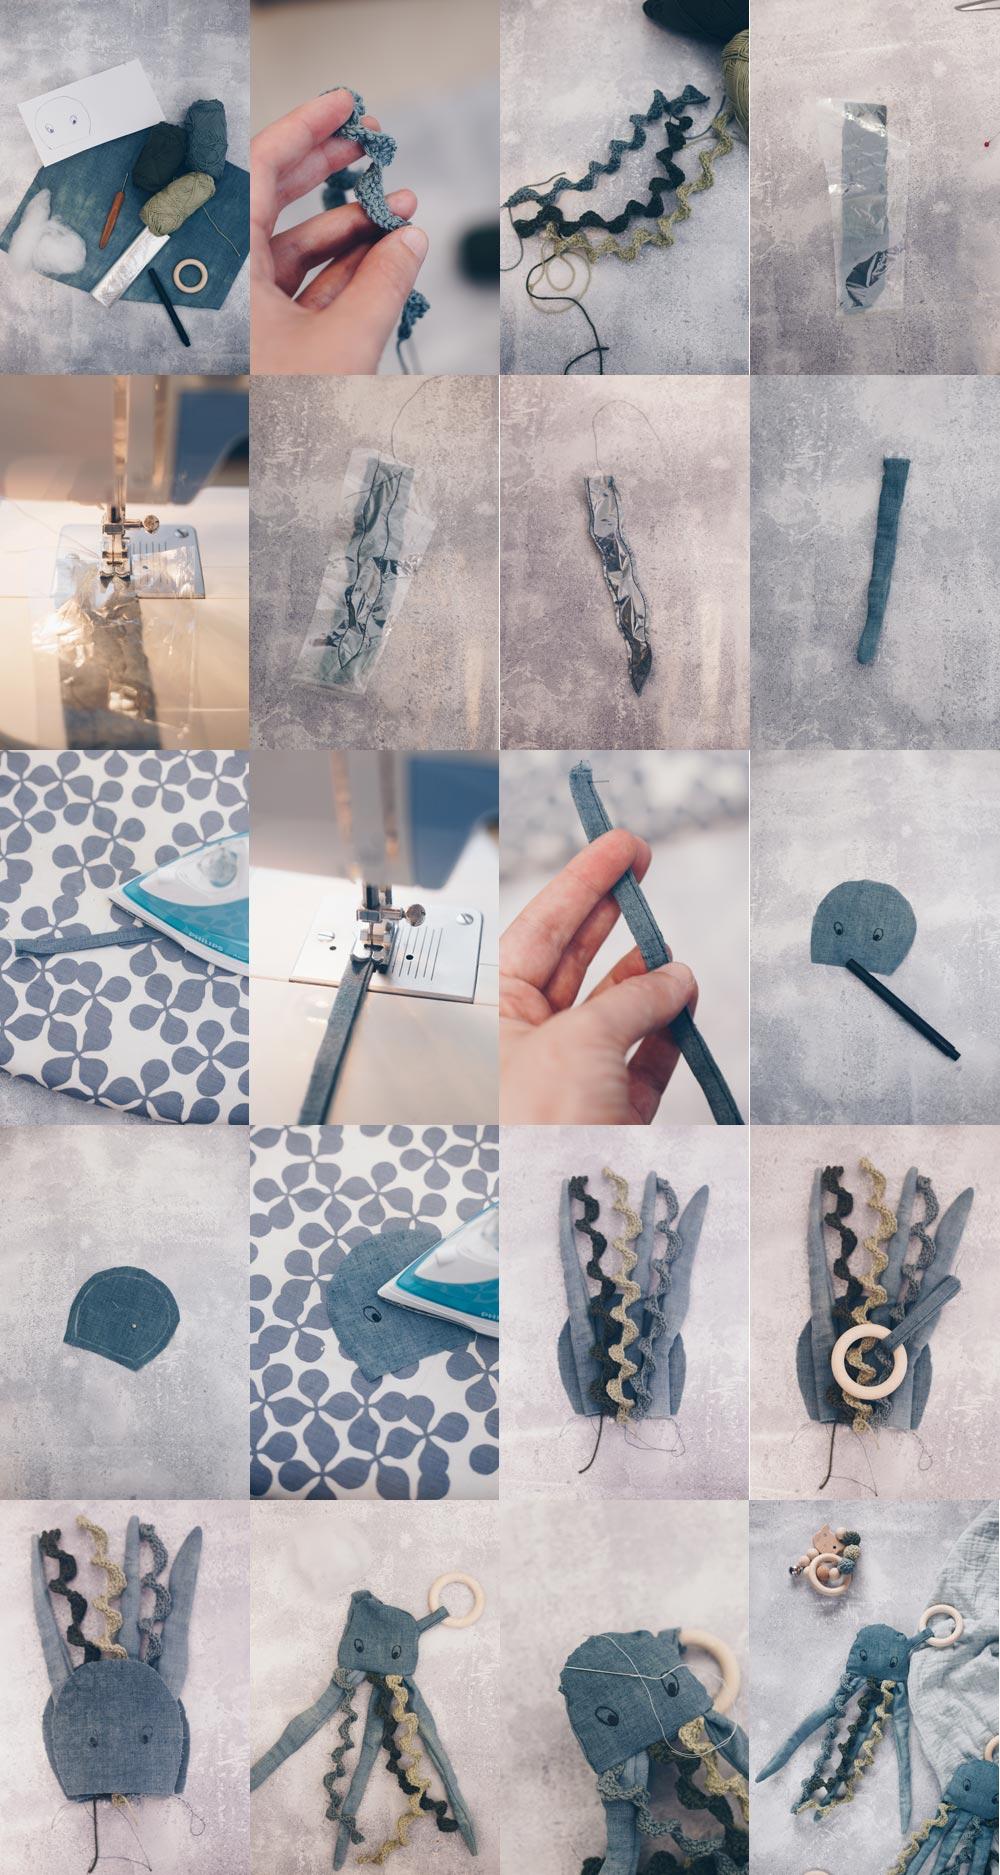 Schritt für Schritt Anleitung DIY Knister Qualle Baby Greifling